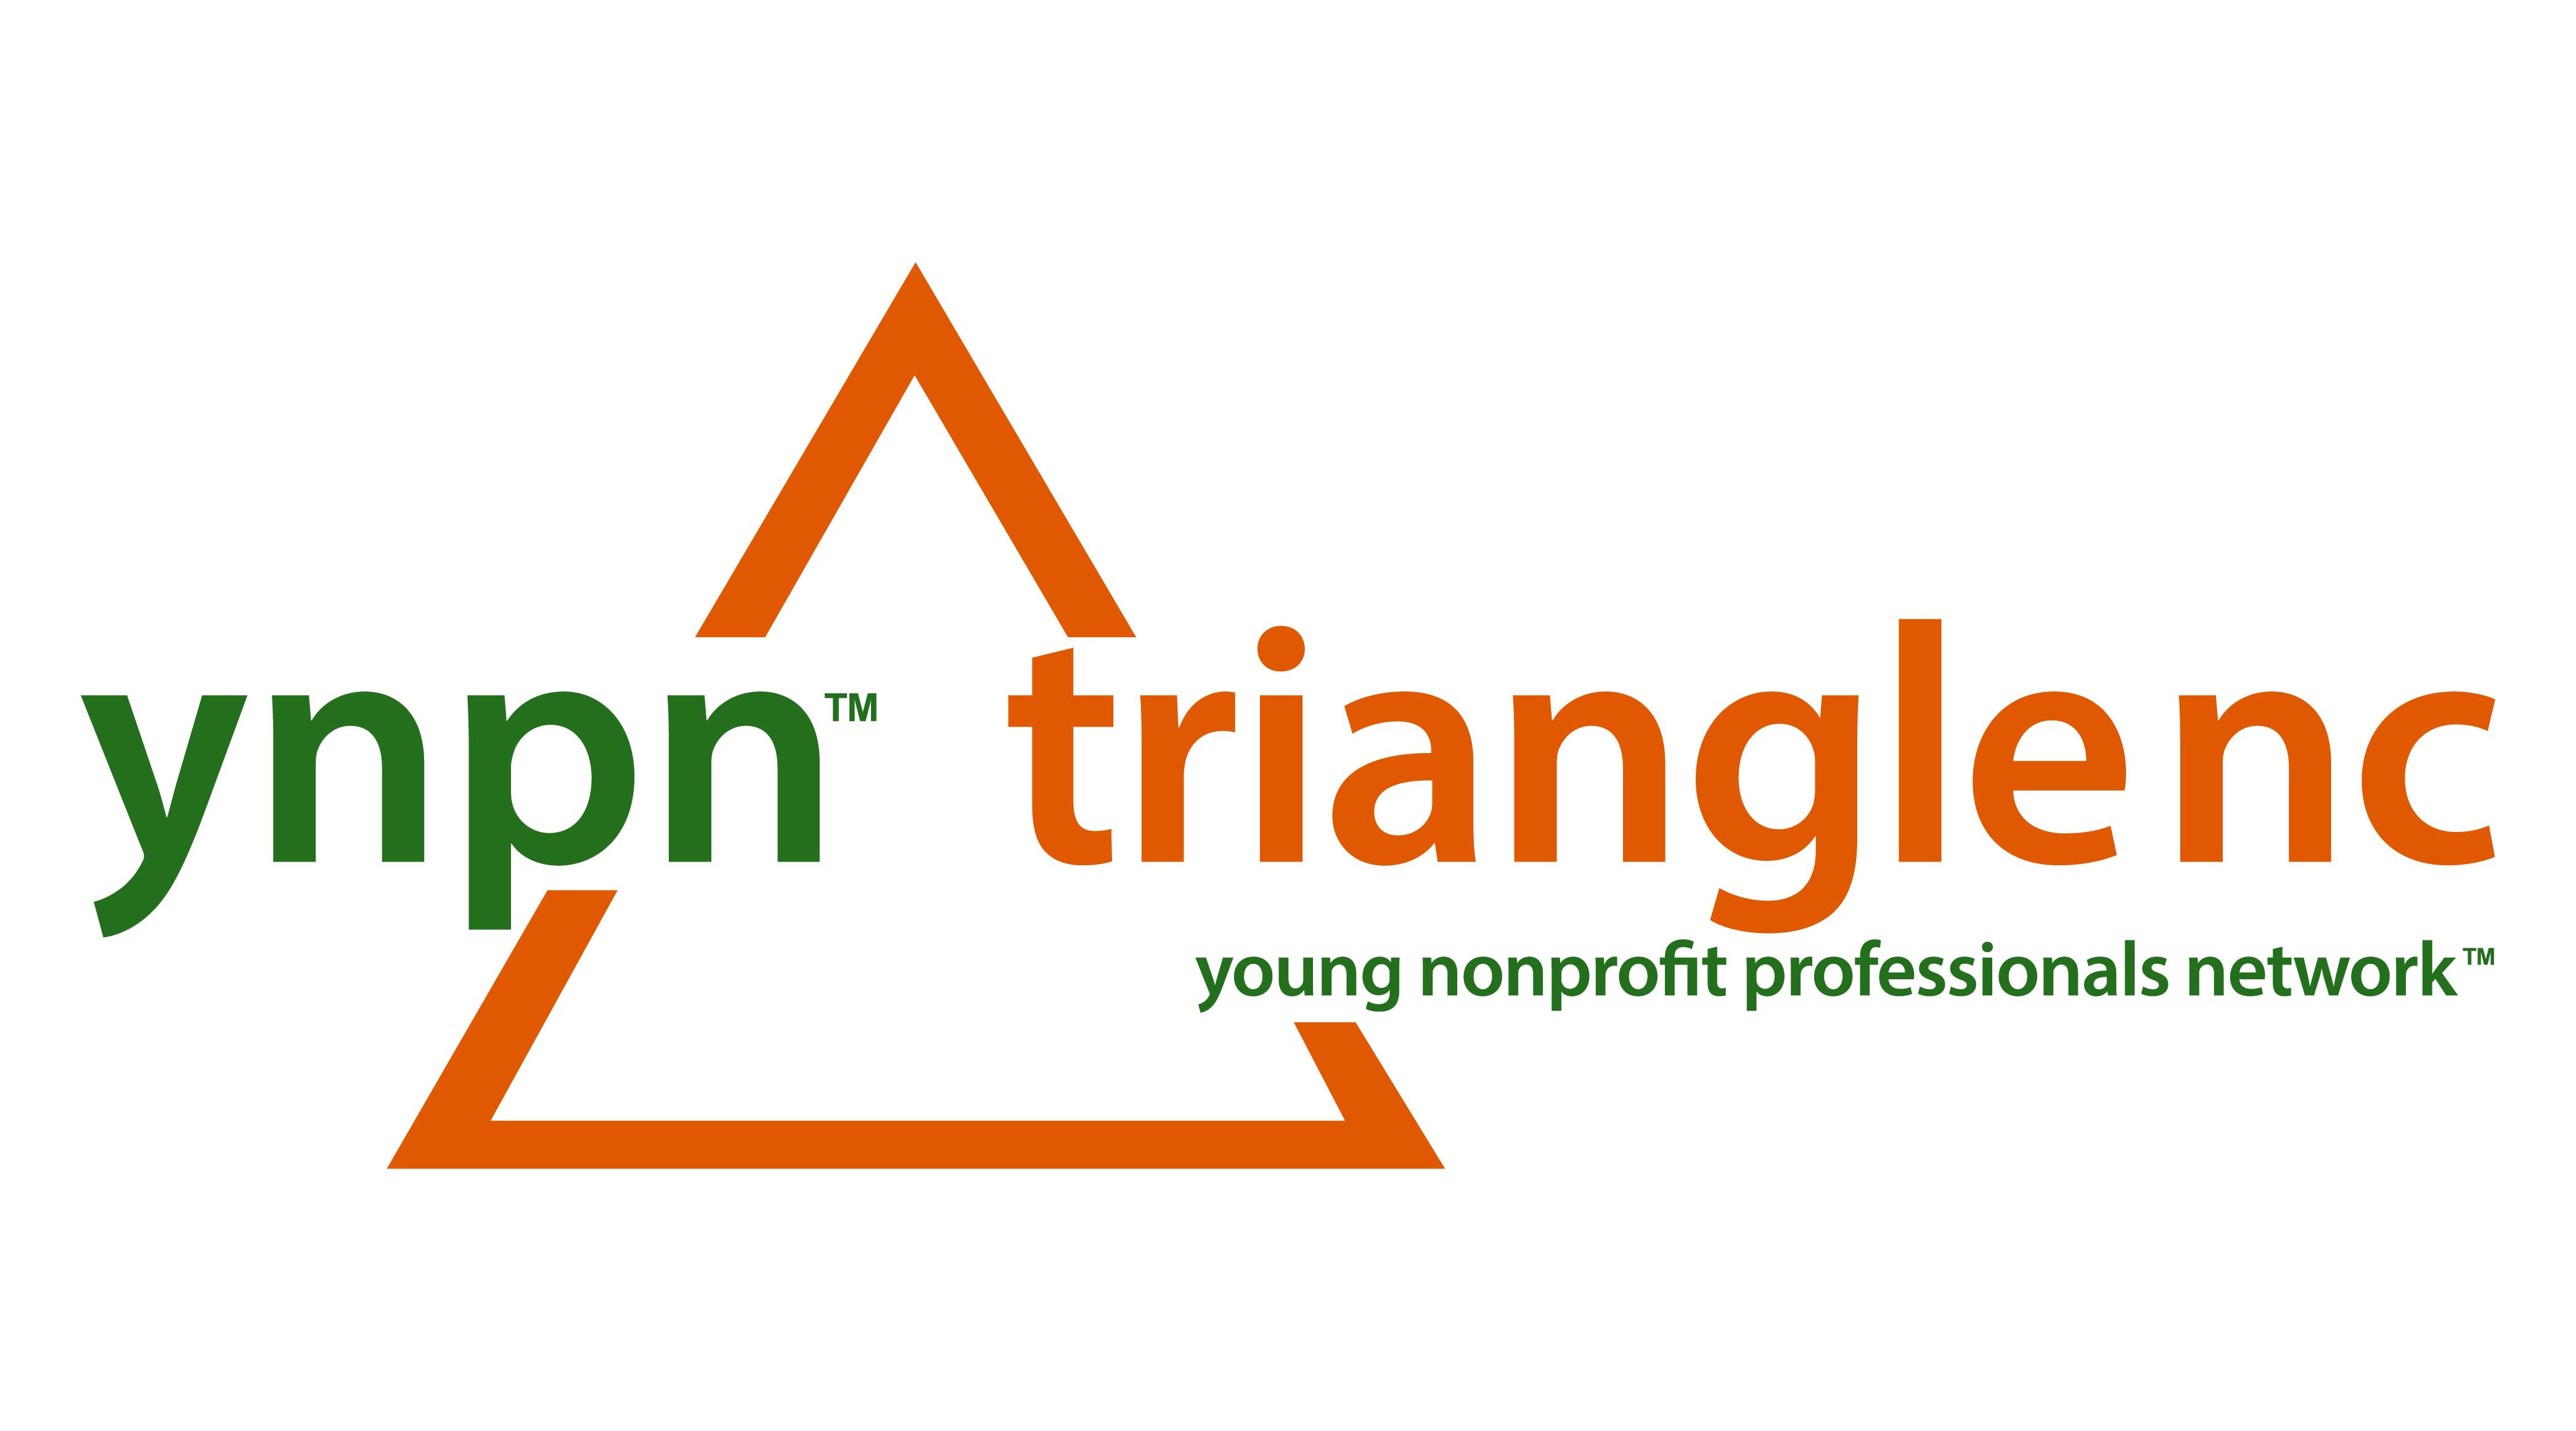 The Board - YNPN Triangle NC